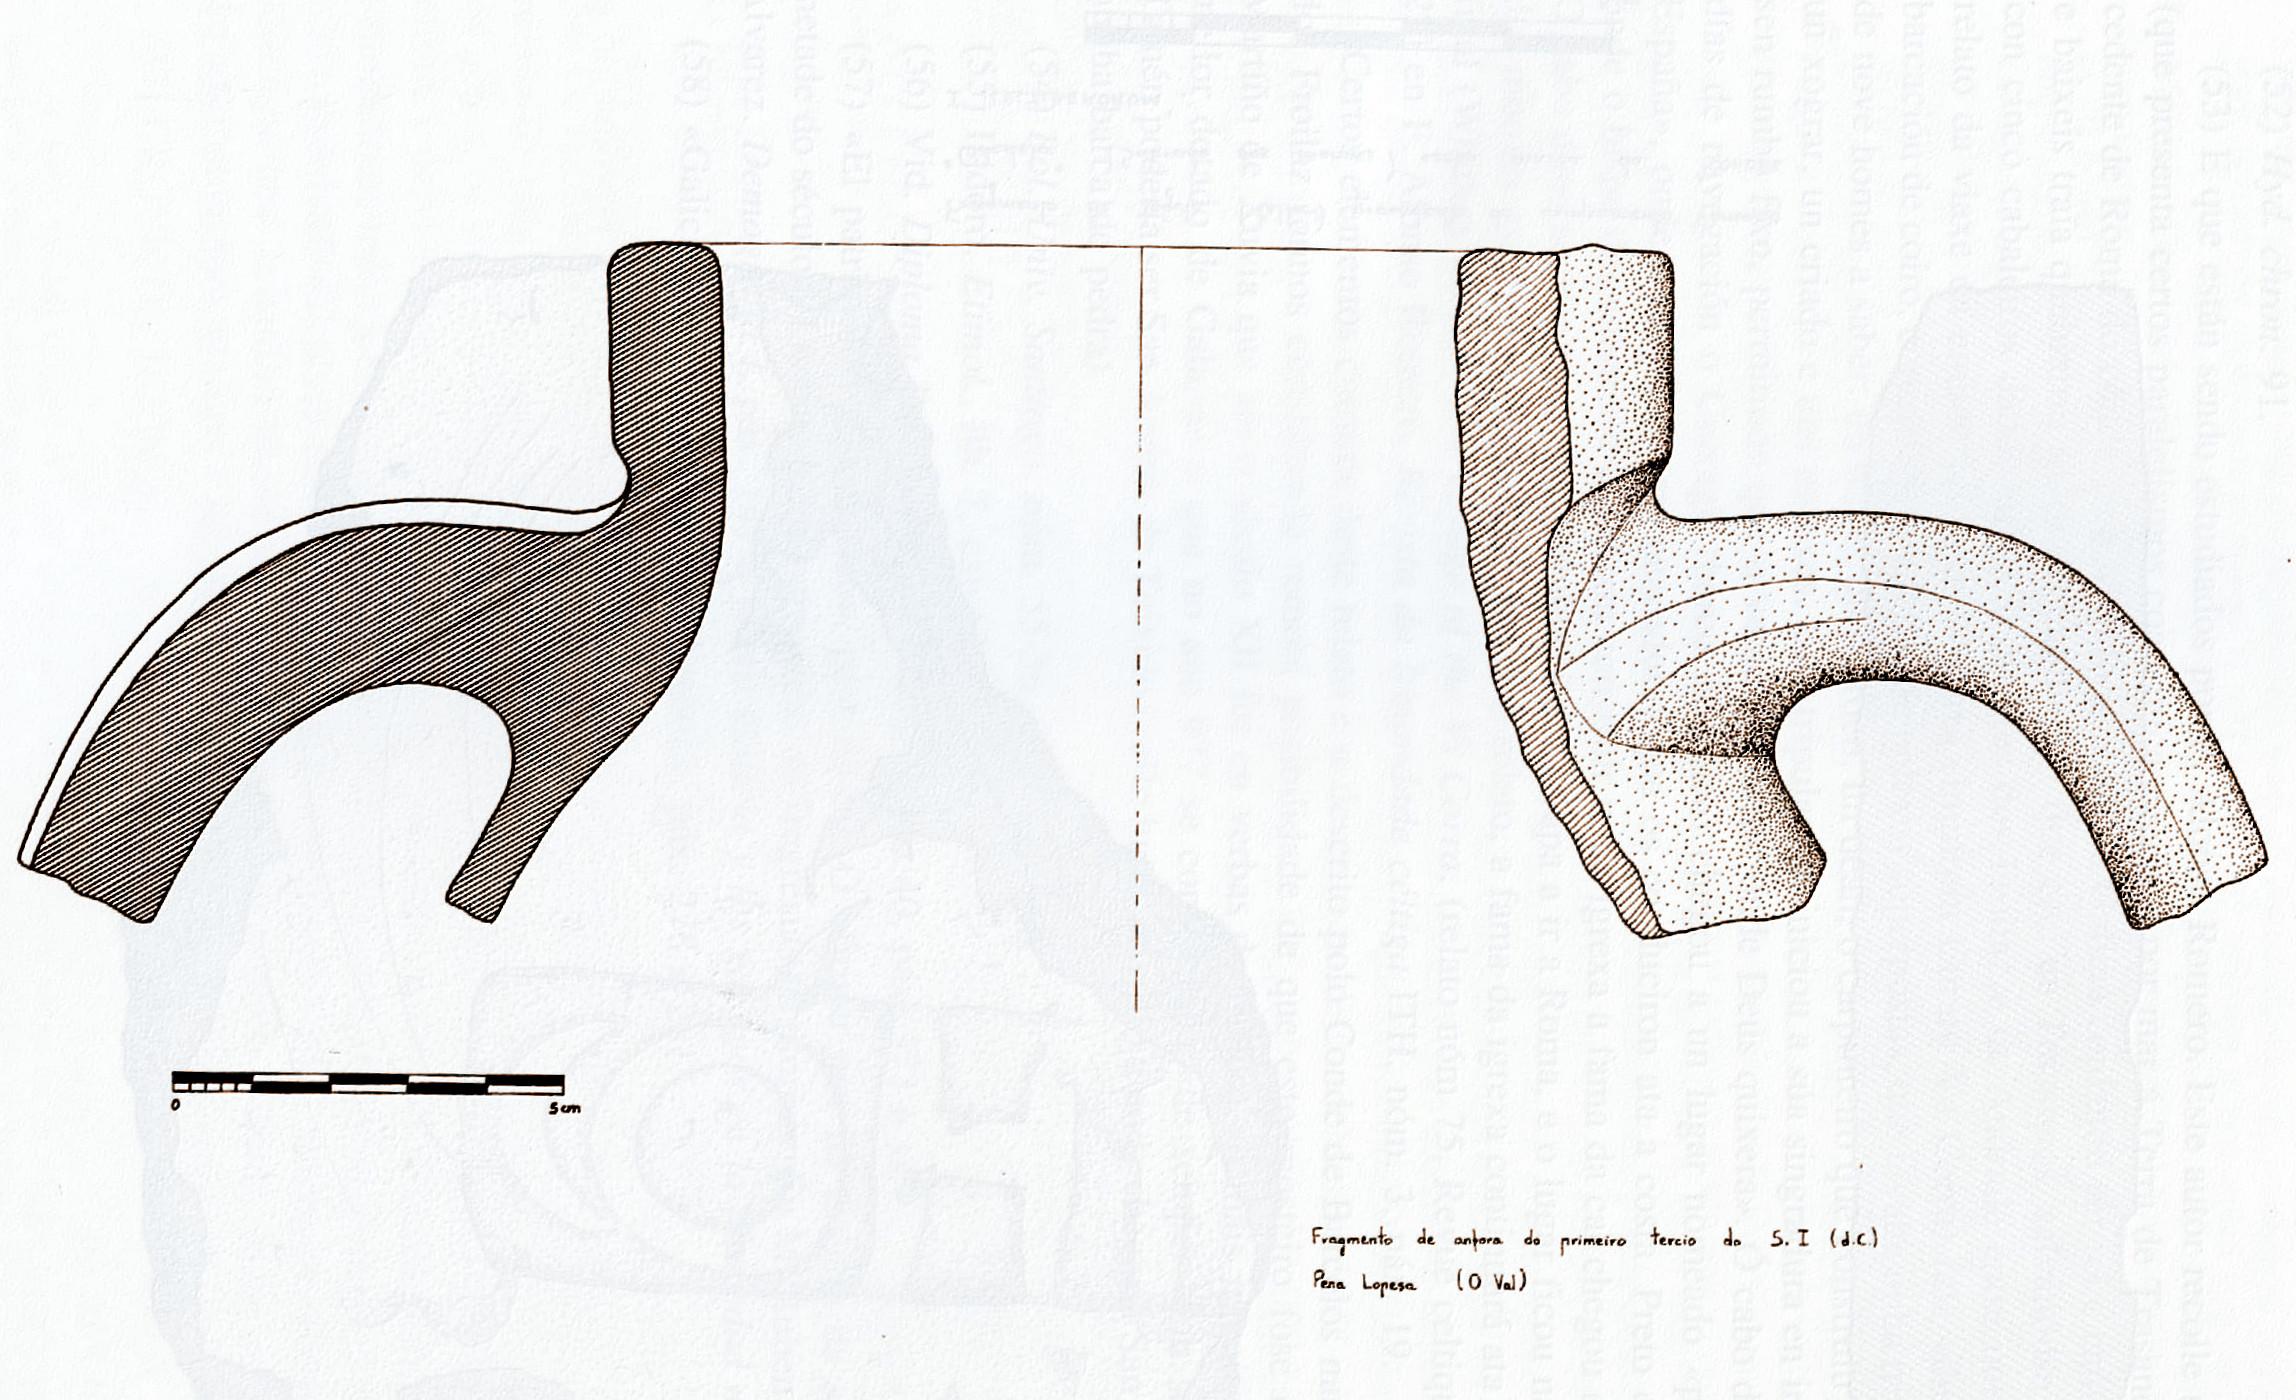 anforalopesa